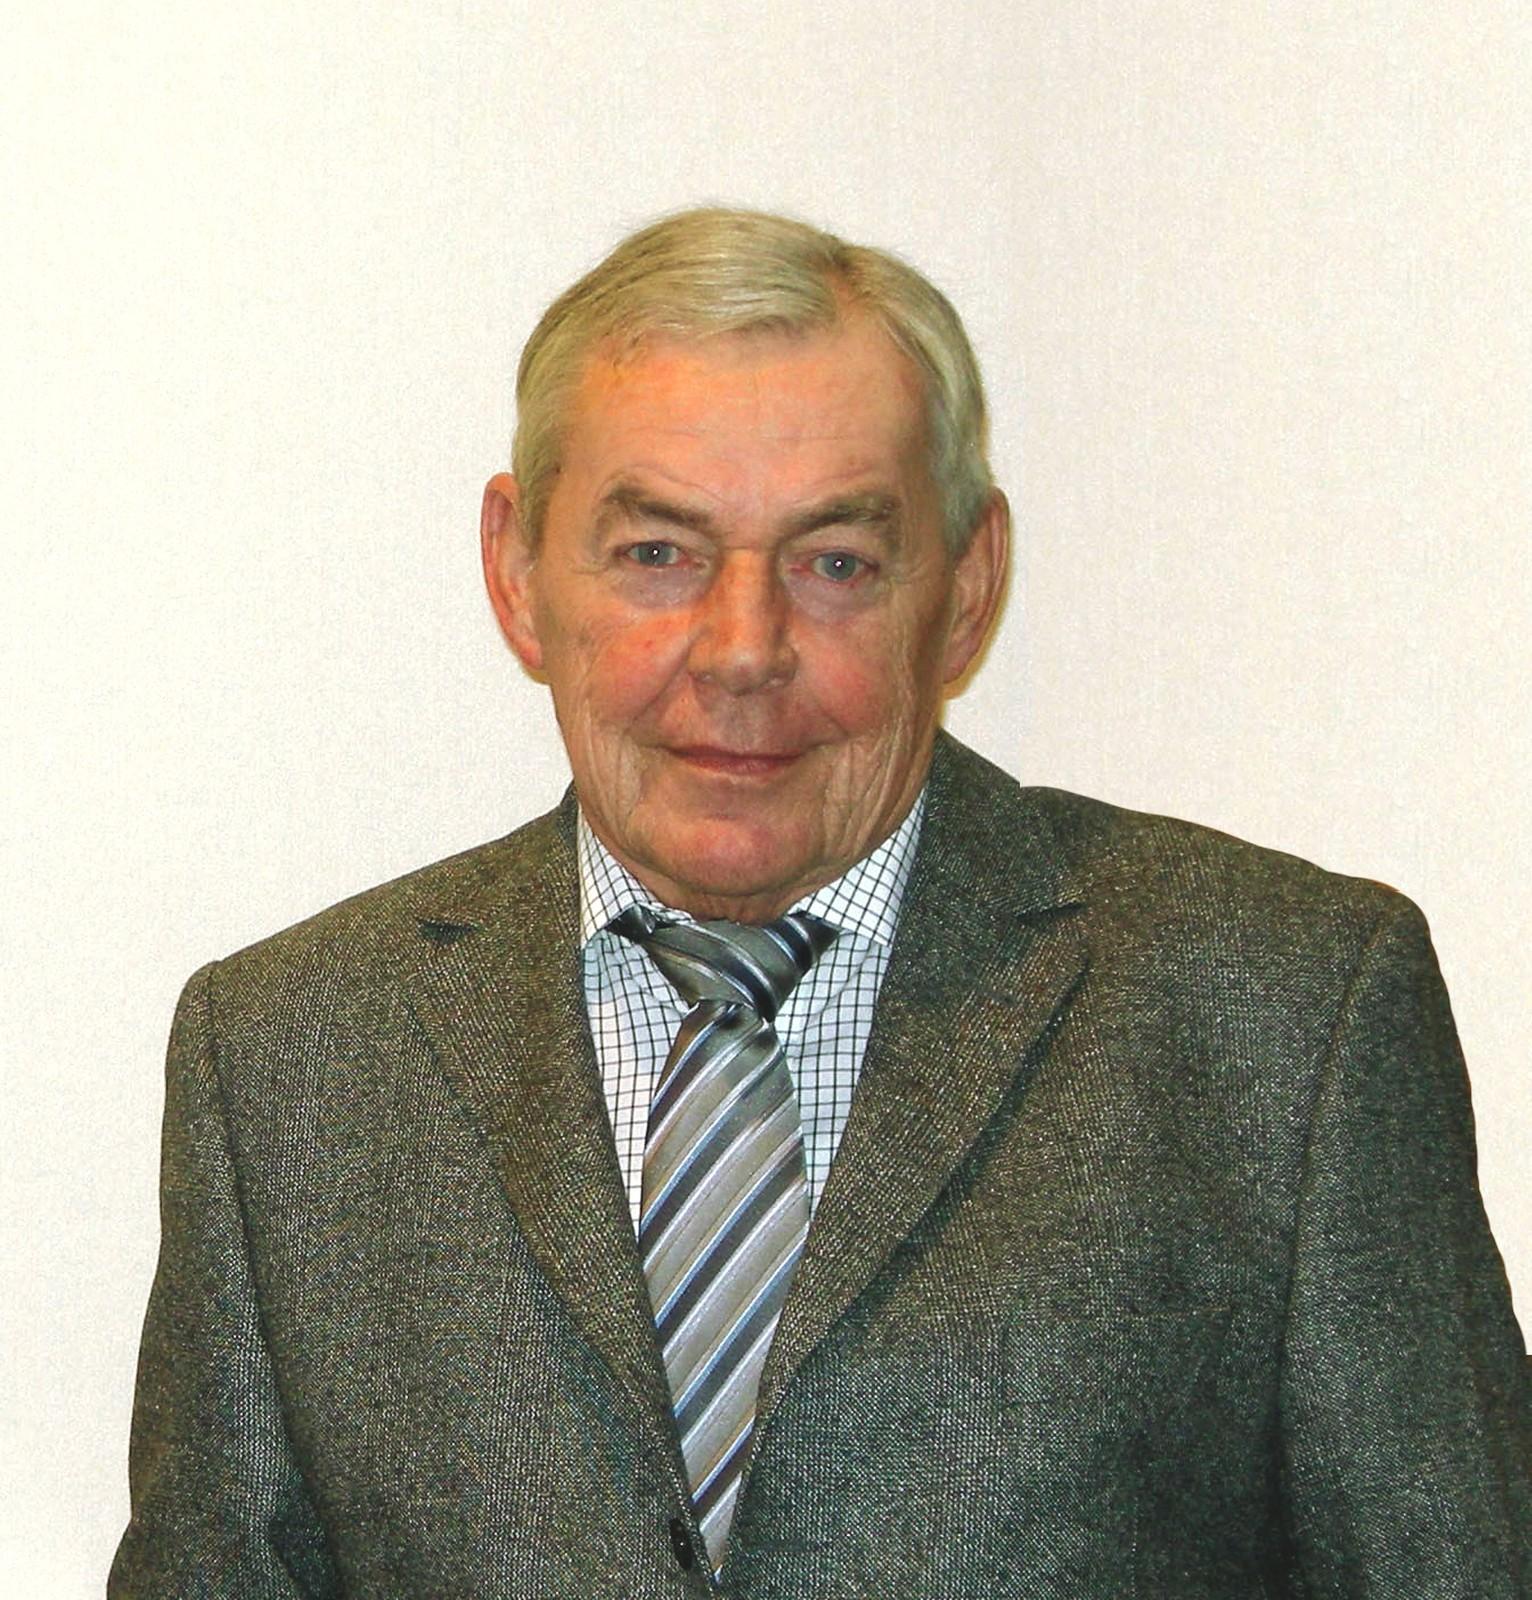 Turck-Mitbegründer Hermann Hermes wurde 85 Jahre alt.